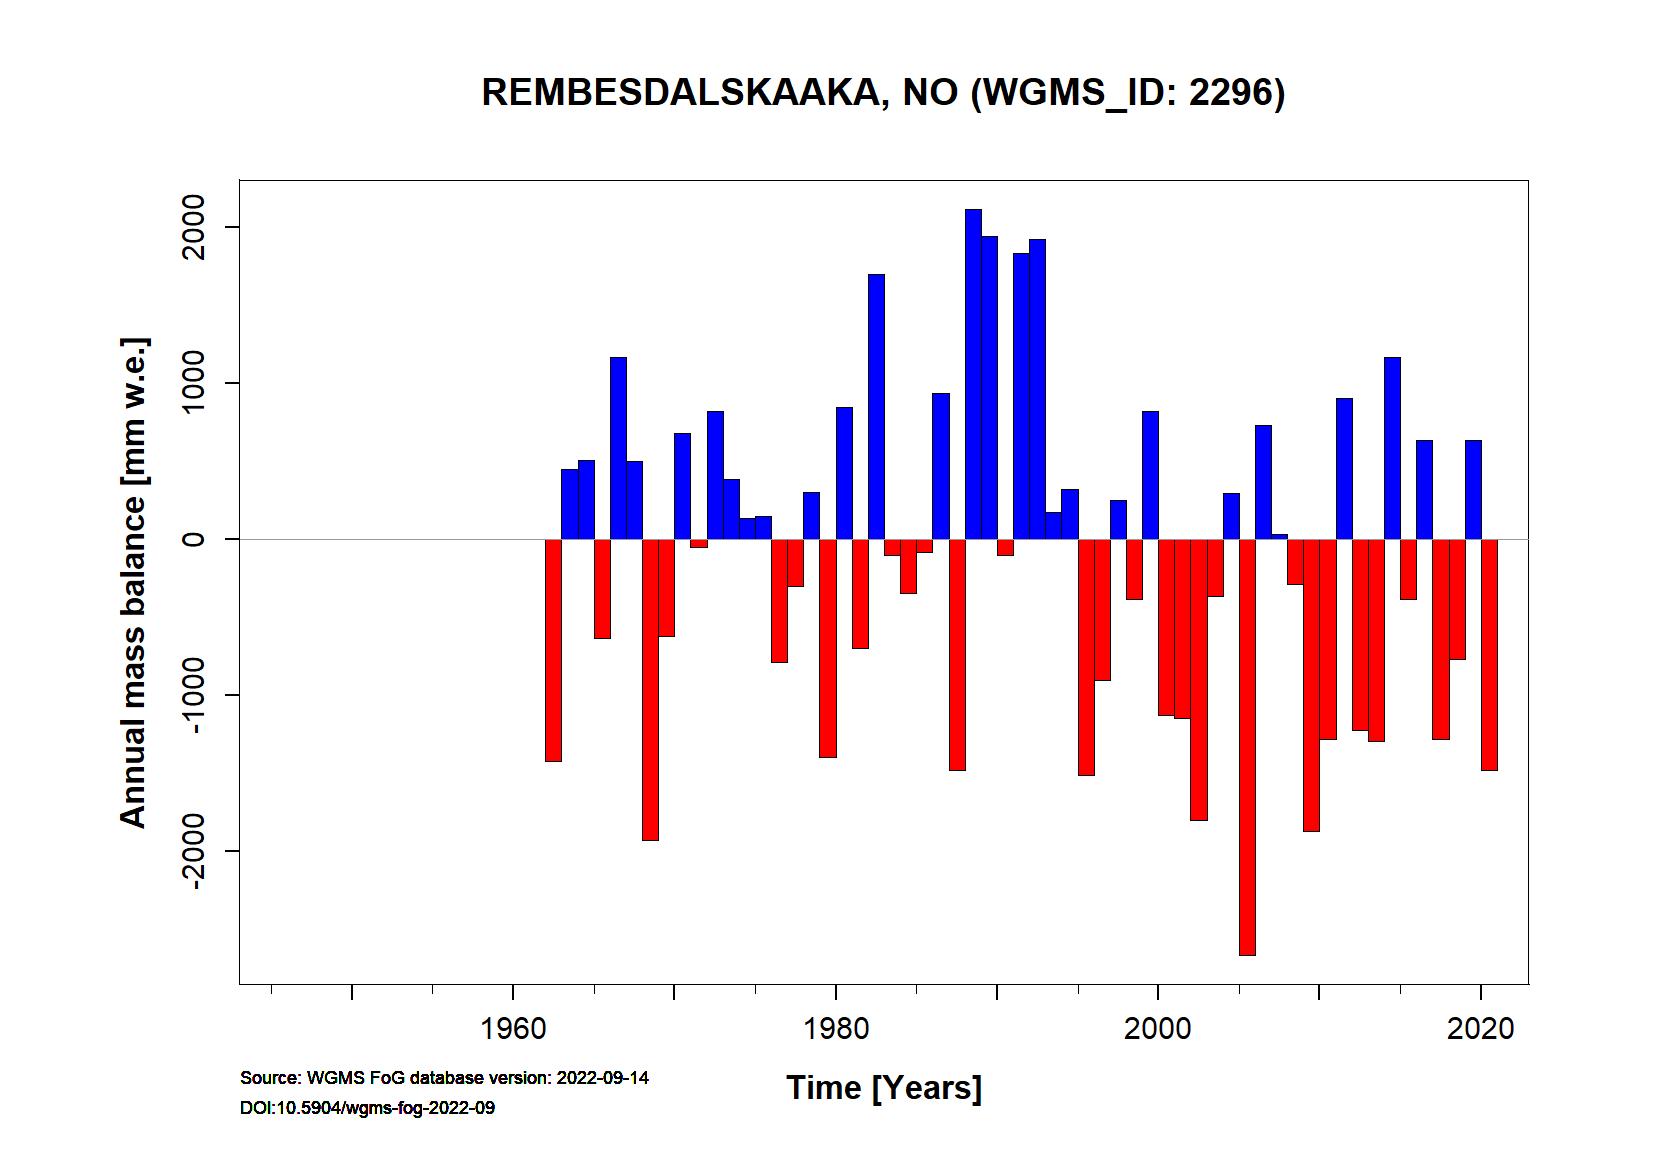 Rembesdalskaaka Annual Mass Balance (WGMS, 2016)